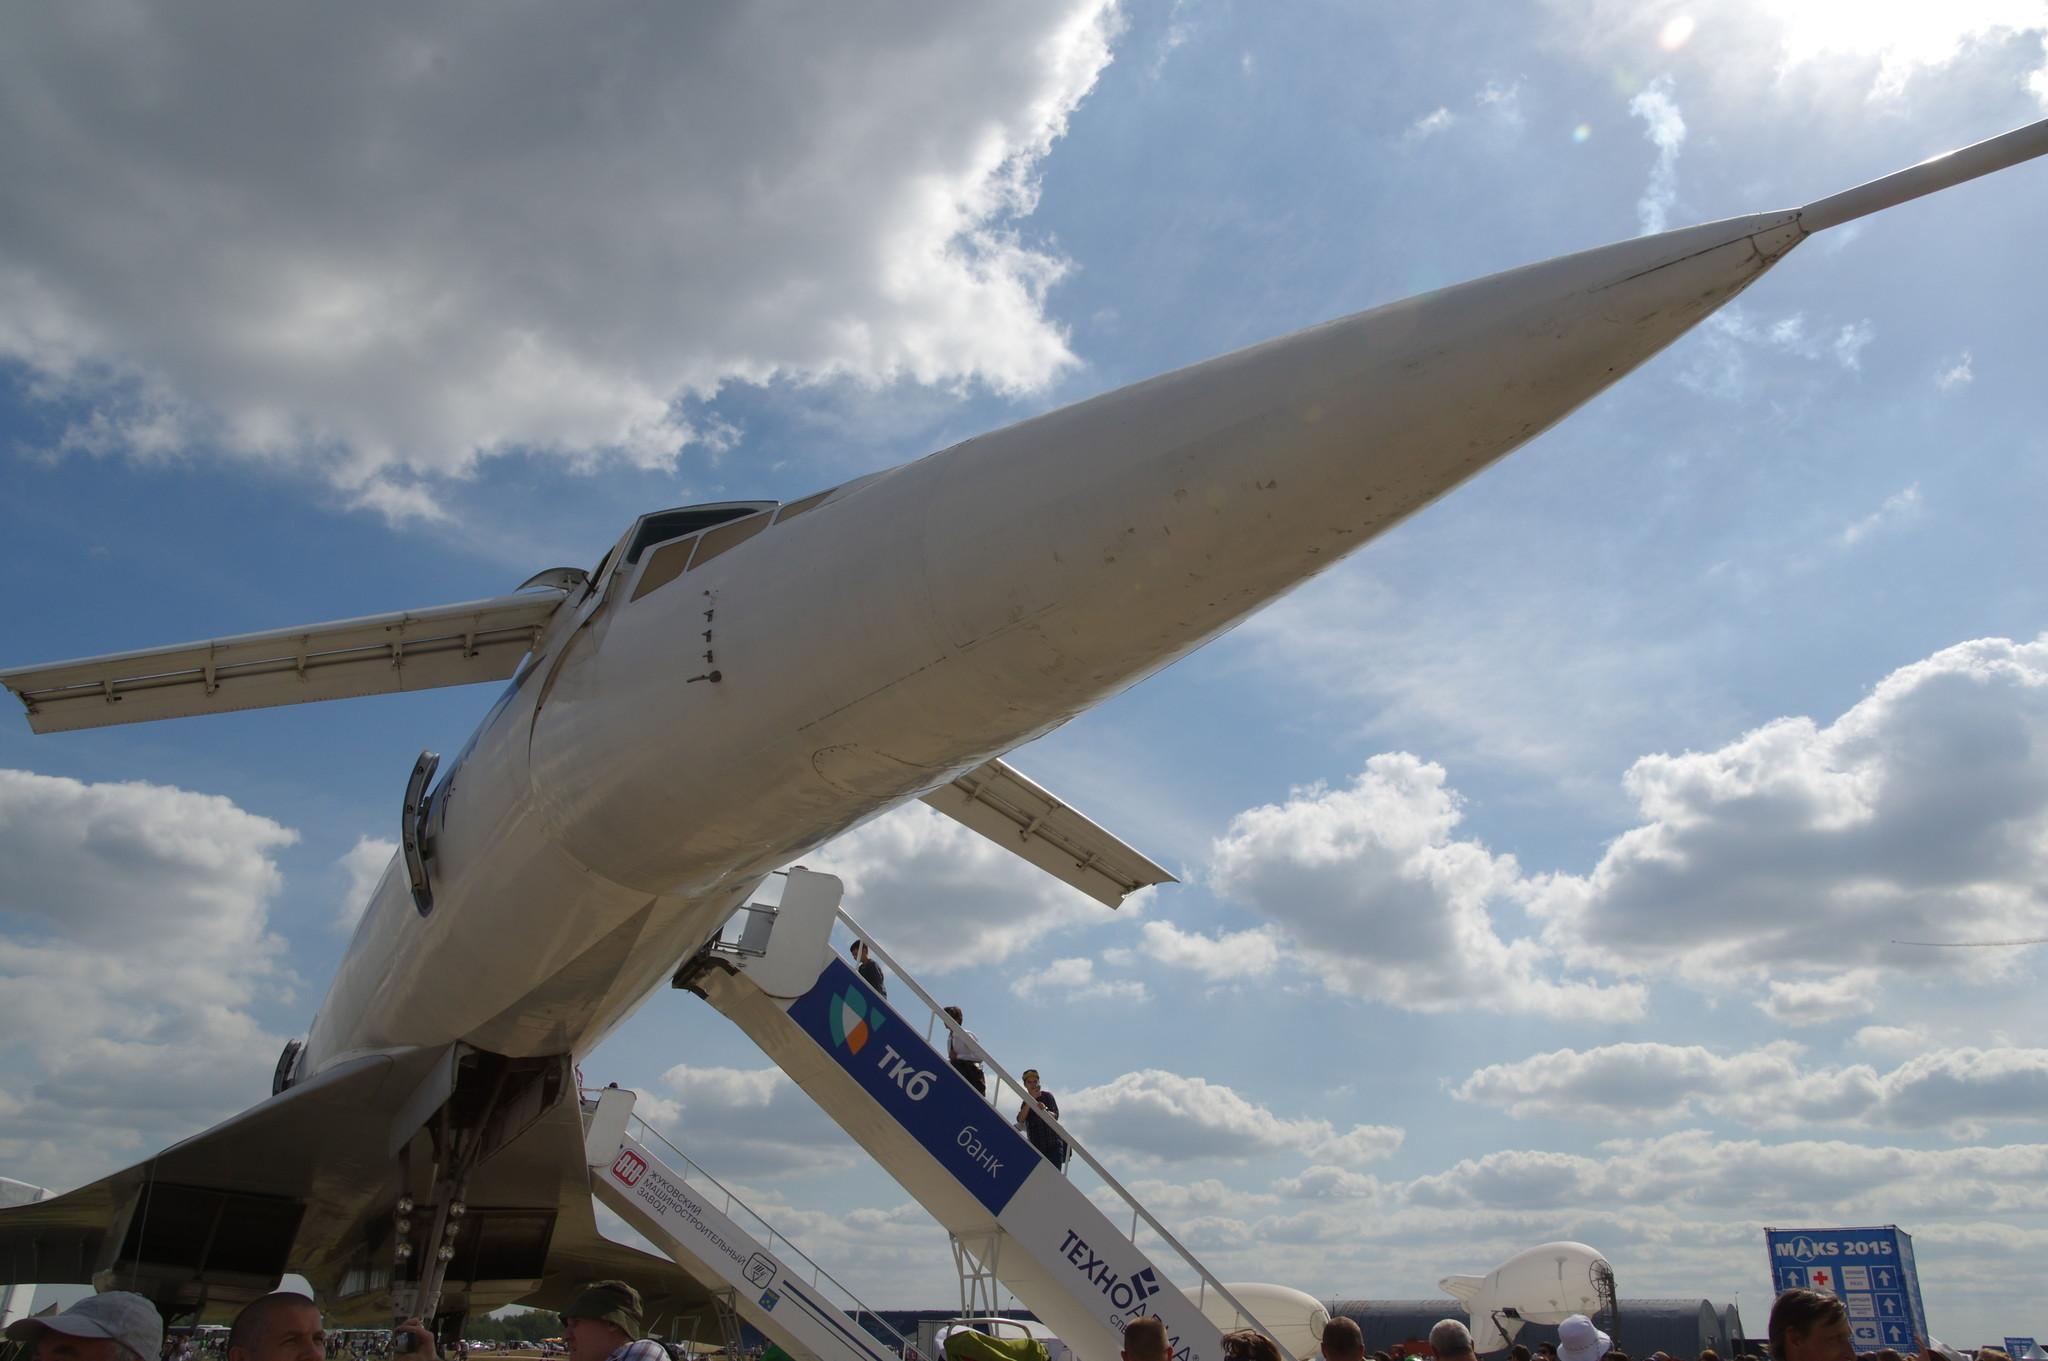 Ту-144 является первым и одним из двух в мире типов сверхзвуковых авиалайнеров, которые использовались авиакомпаниями для коммерческих перевозок